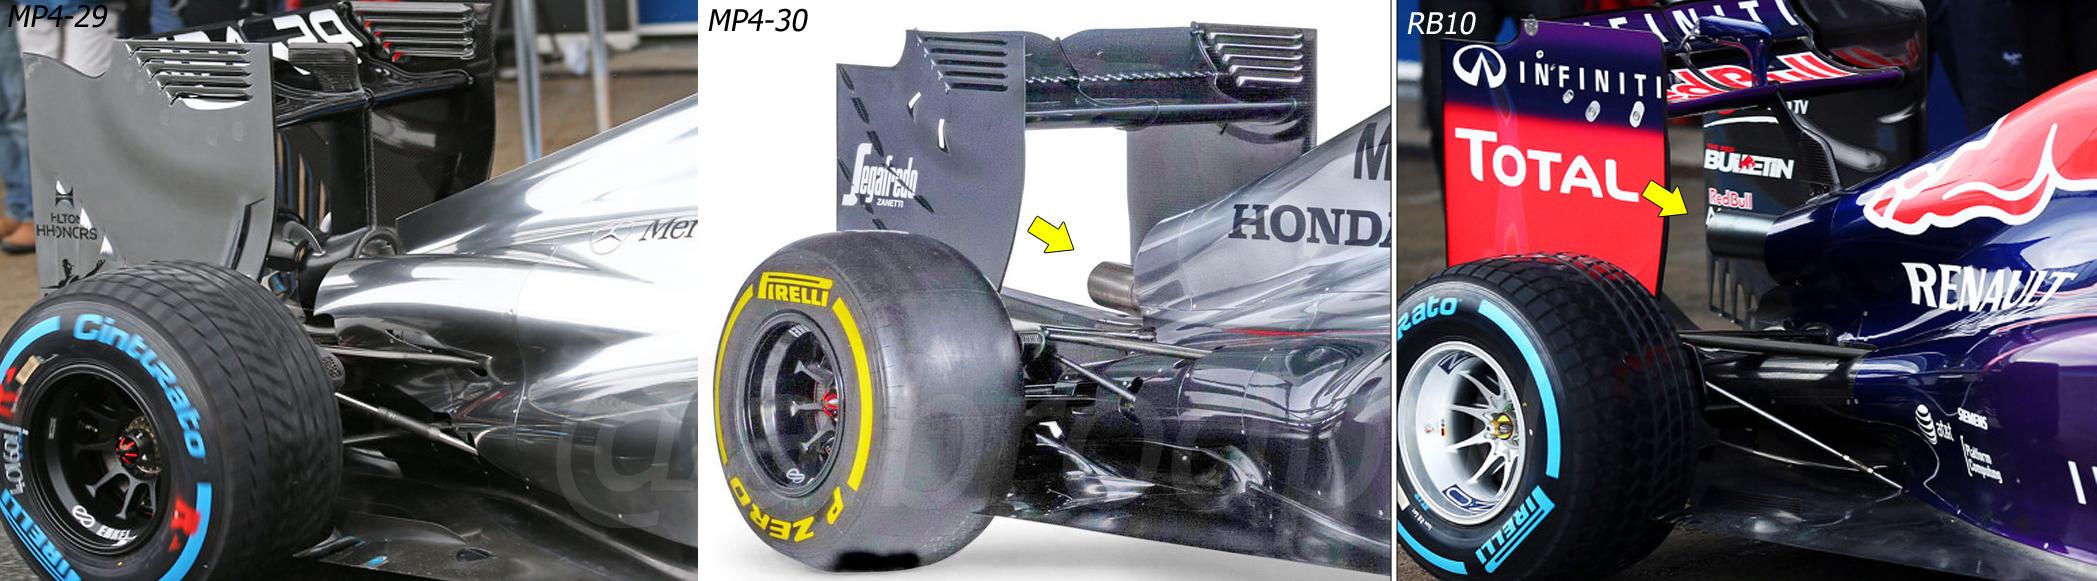 mp4-30-rear(2)